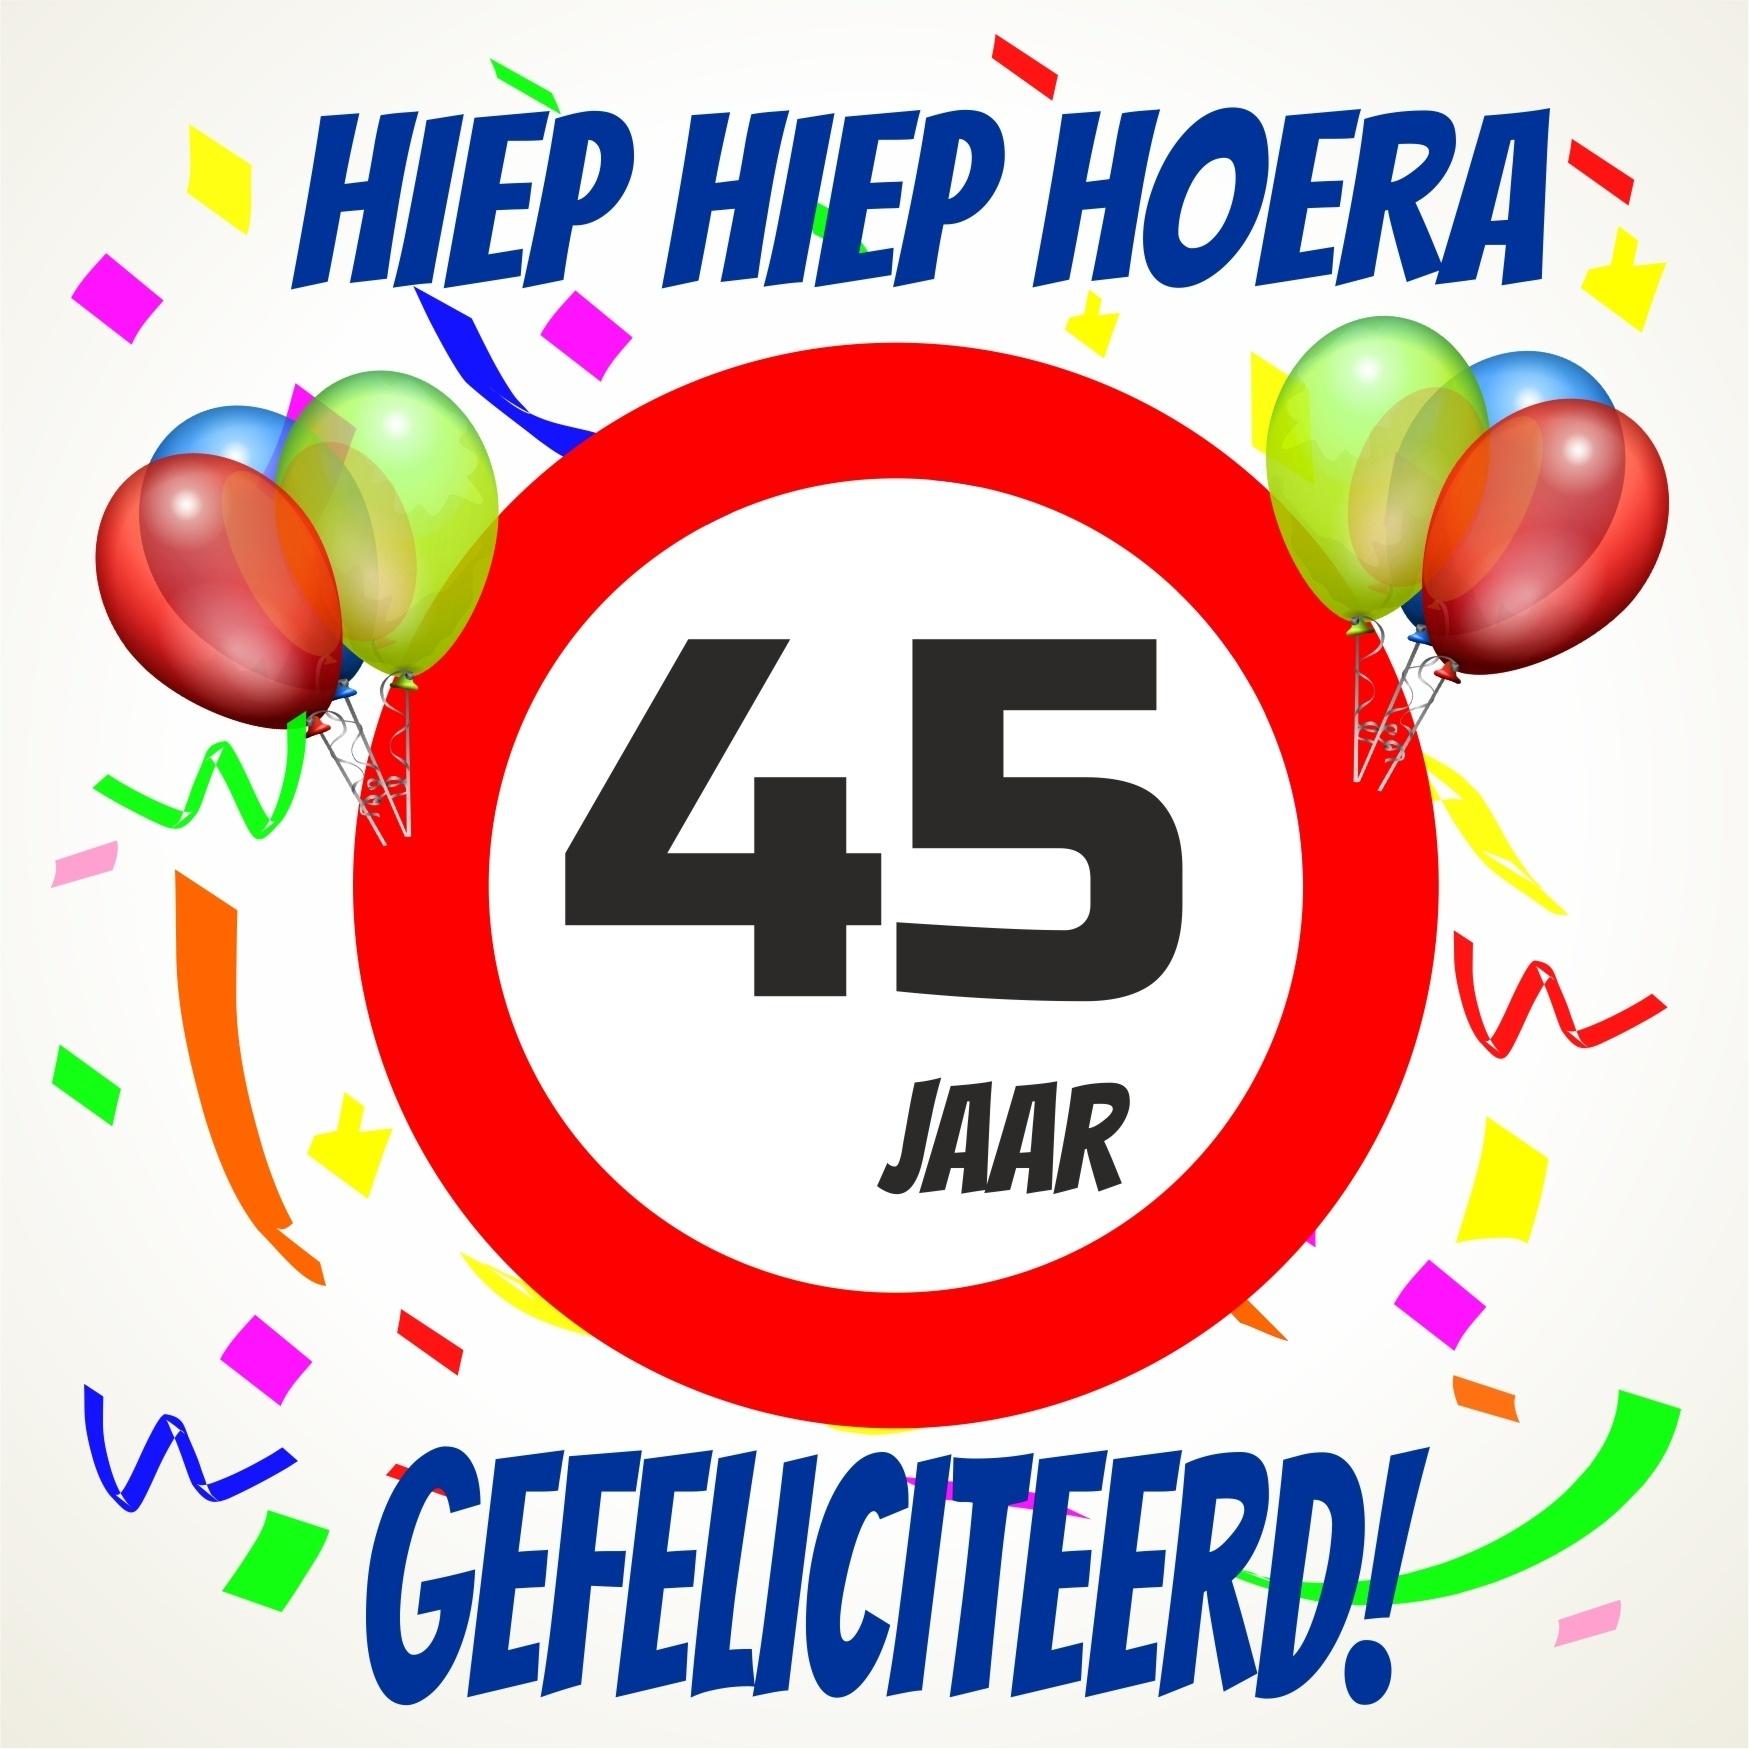 45 jaar gefeliciteerd Gefeliciteerd 45 Jaar   ARCHIDEV 45 jaar gefeliciteerd